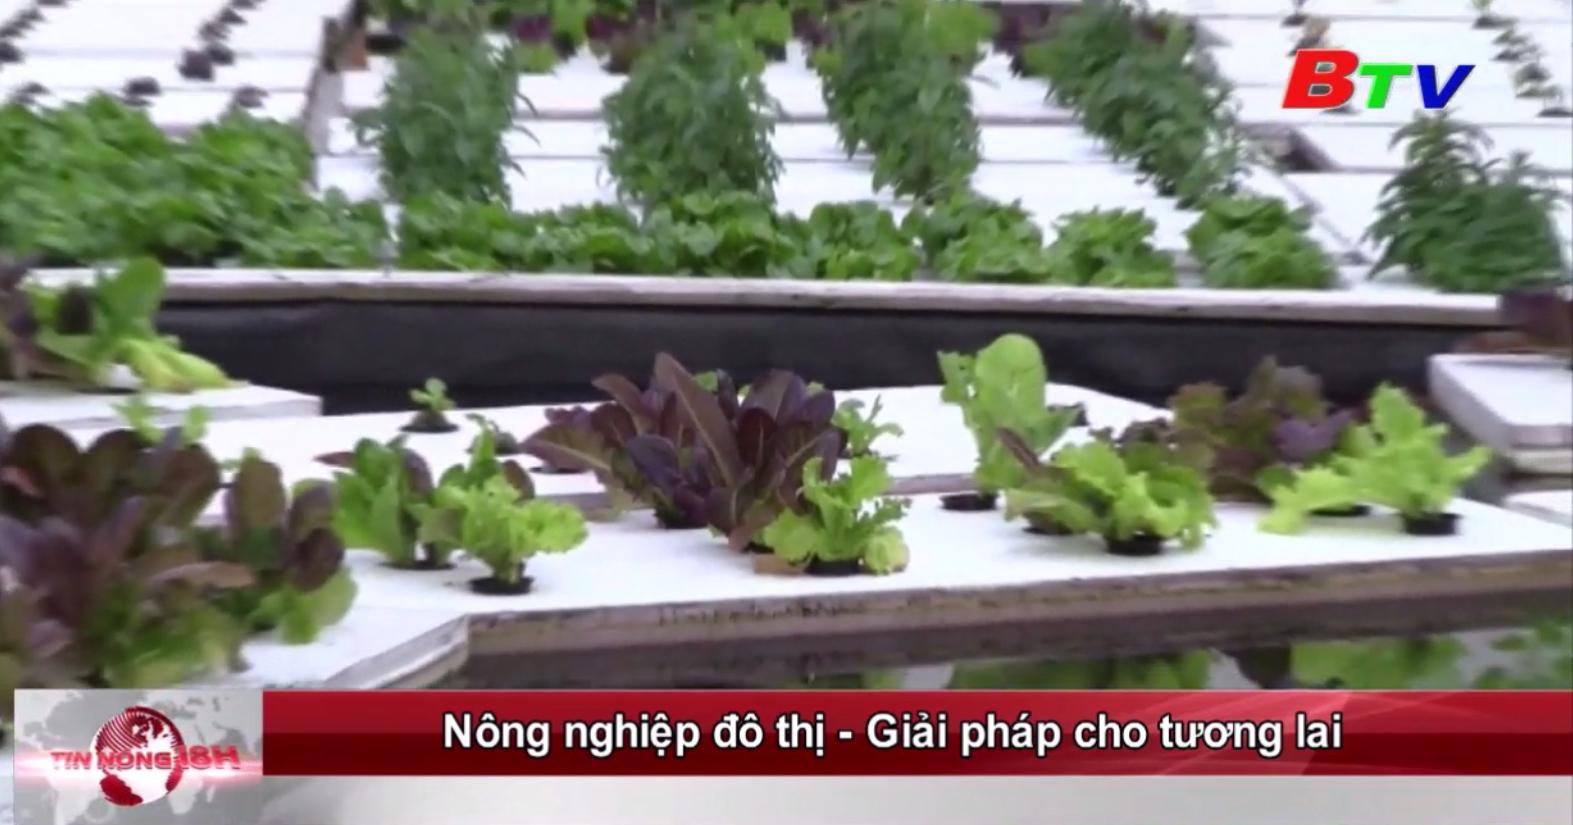 Nông nghiệp đô thị - Giải pháp cho tương lai